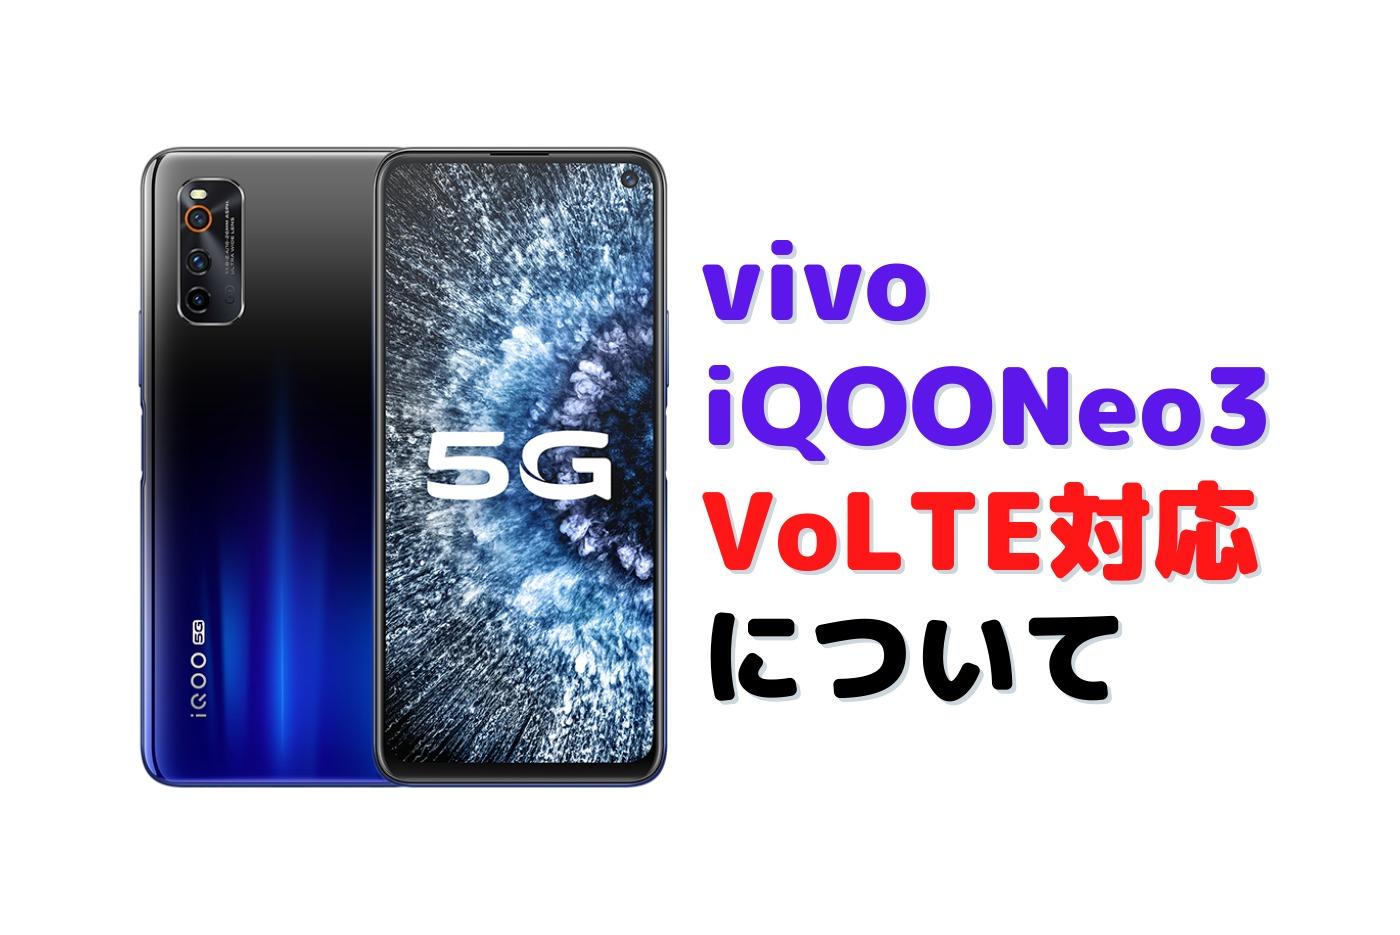 iQOONeo3でのVoLTE対応について